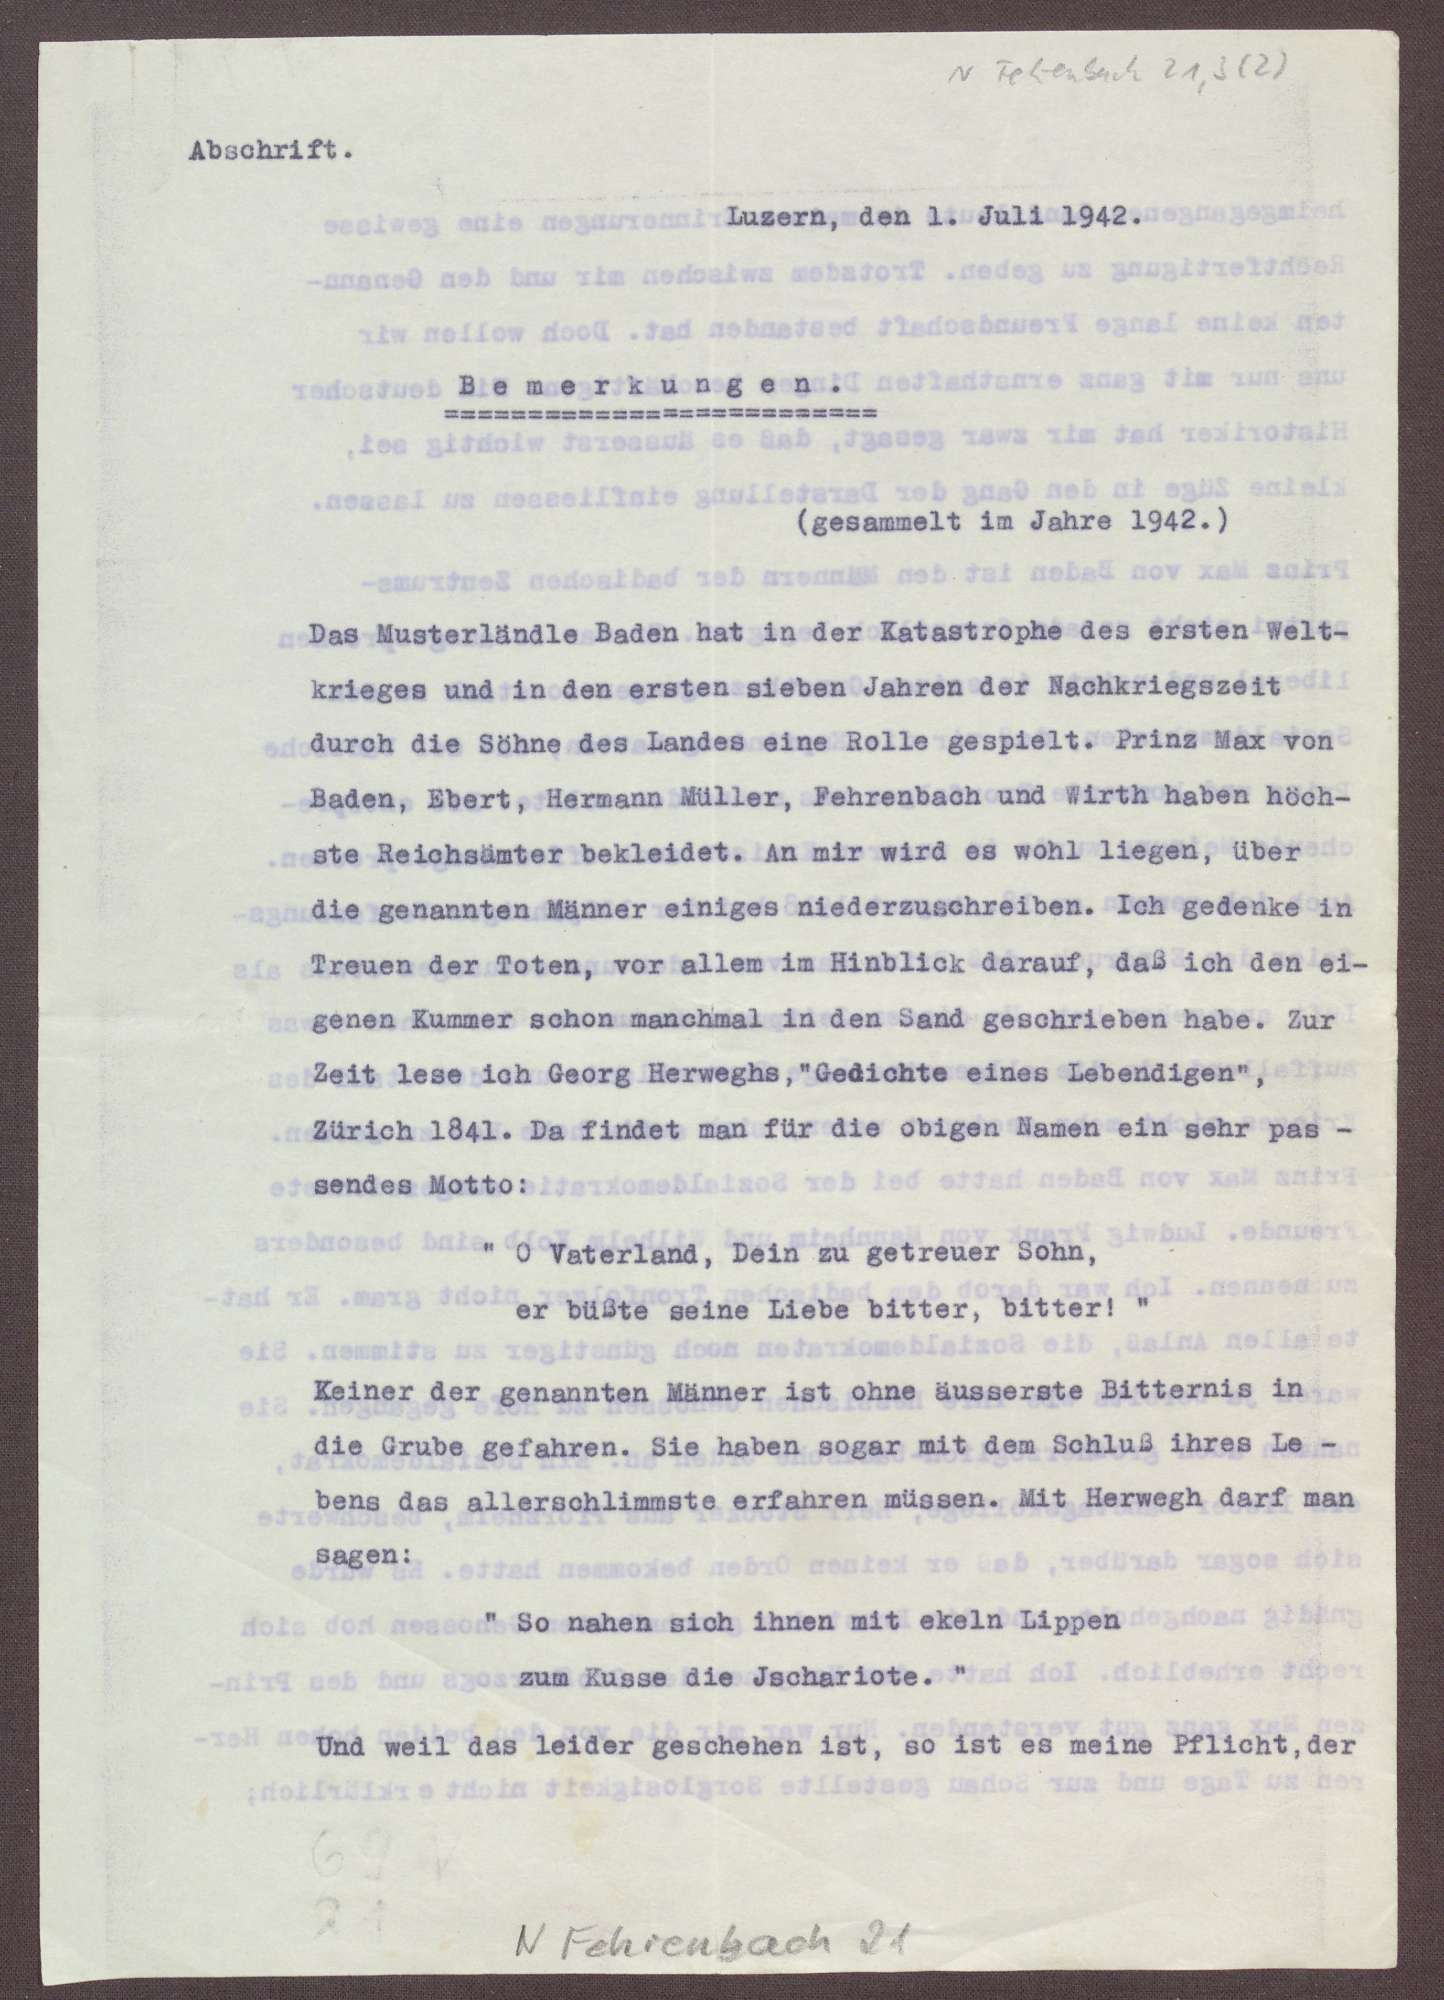 Schreiben von Ferdinand Kopf an Elisabeth Rosset, Übersendung einer Abschrift der Memoiren von Joseph Wirth, Bild 2